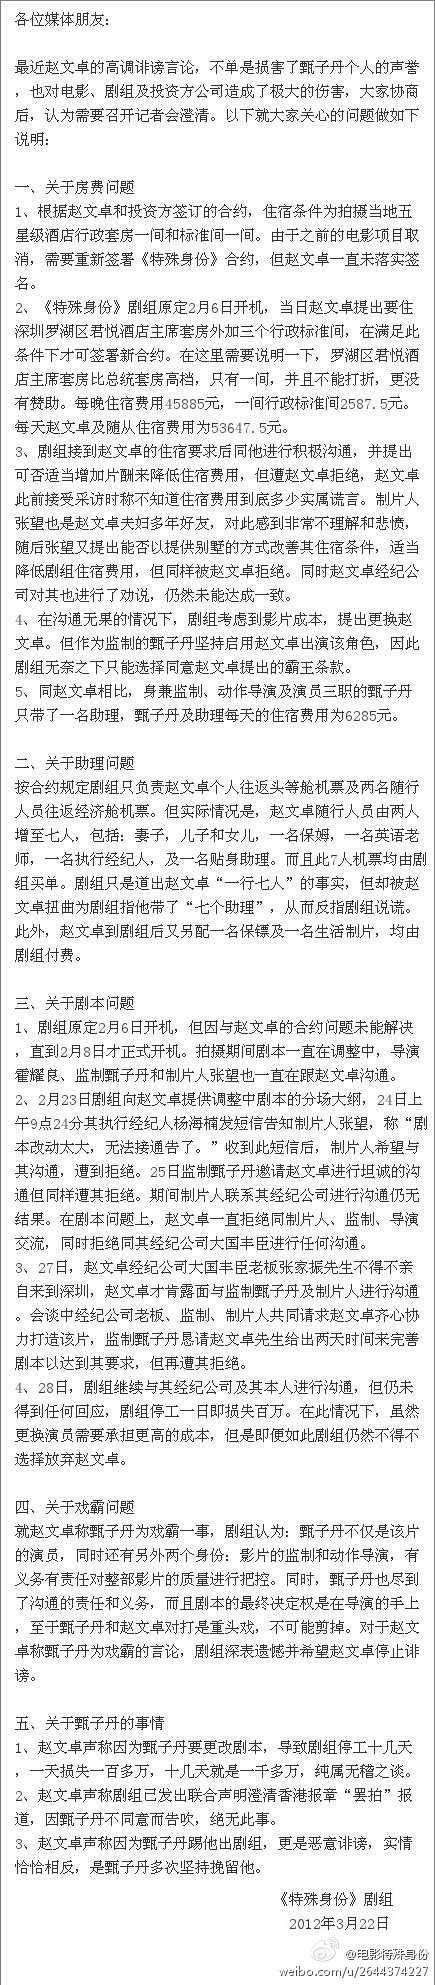 大家如何看待《特殊身份》赵文卓和甄子丹这件事儿,这件事到底谁对谁错?-47